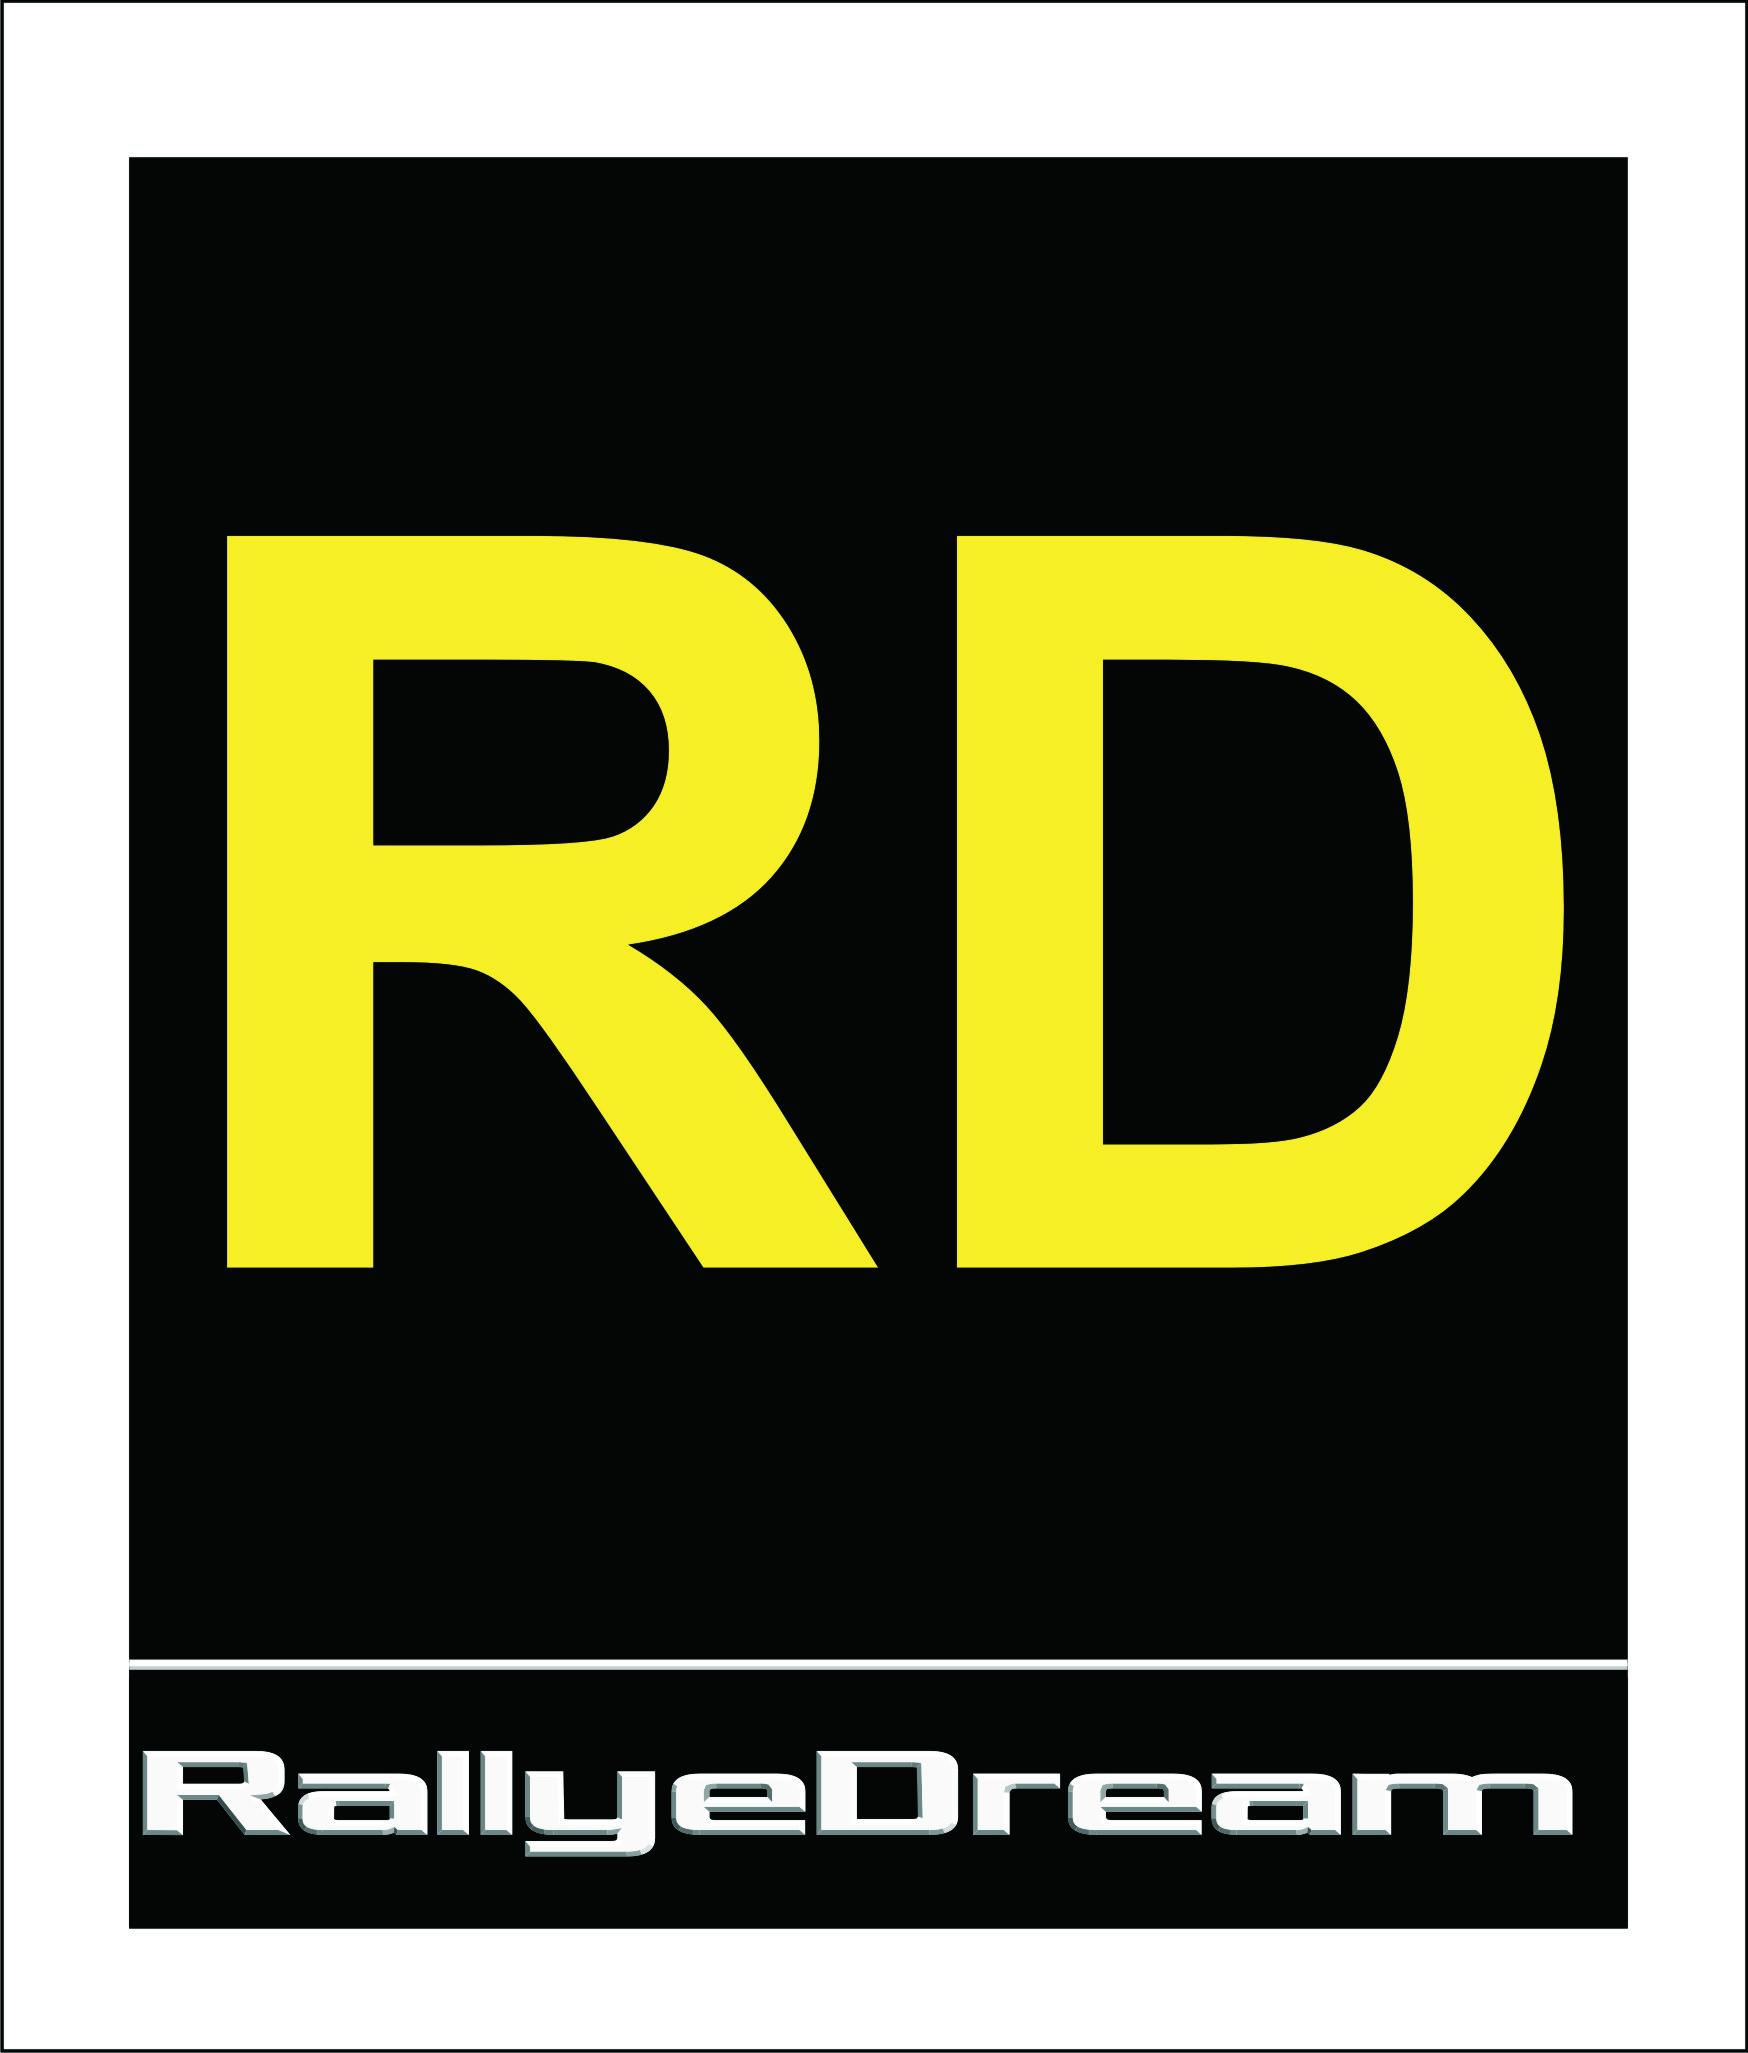 RALLYEDREAM_02.jpg